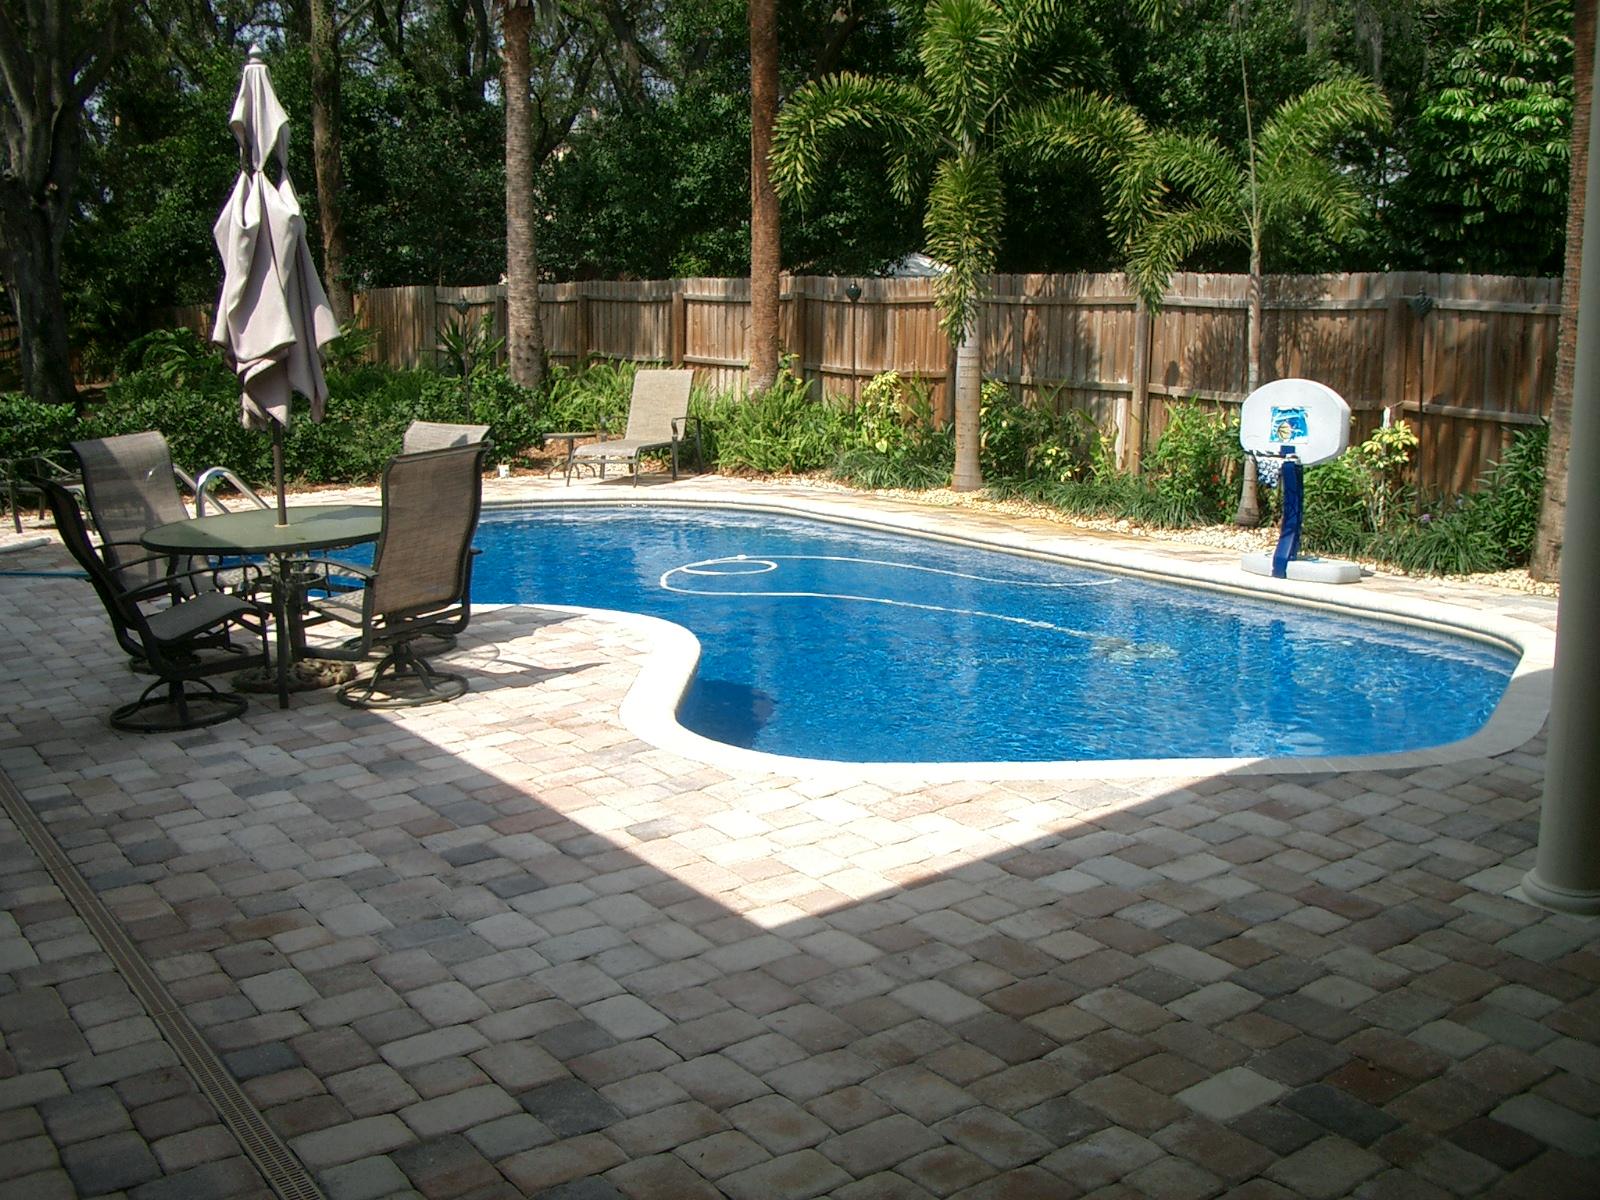 pool in backyard photo - 2